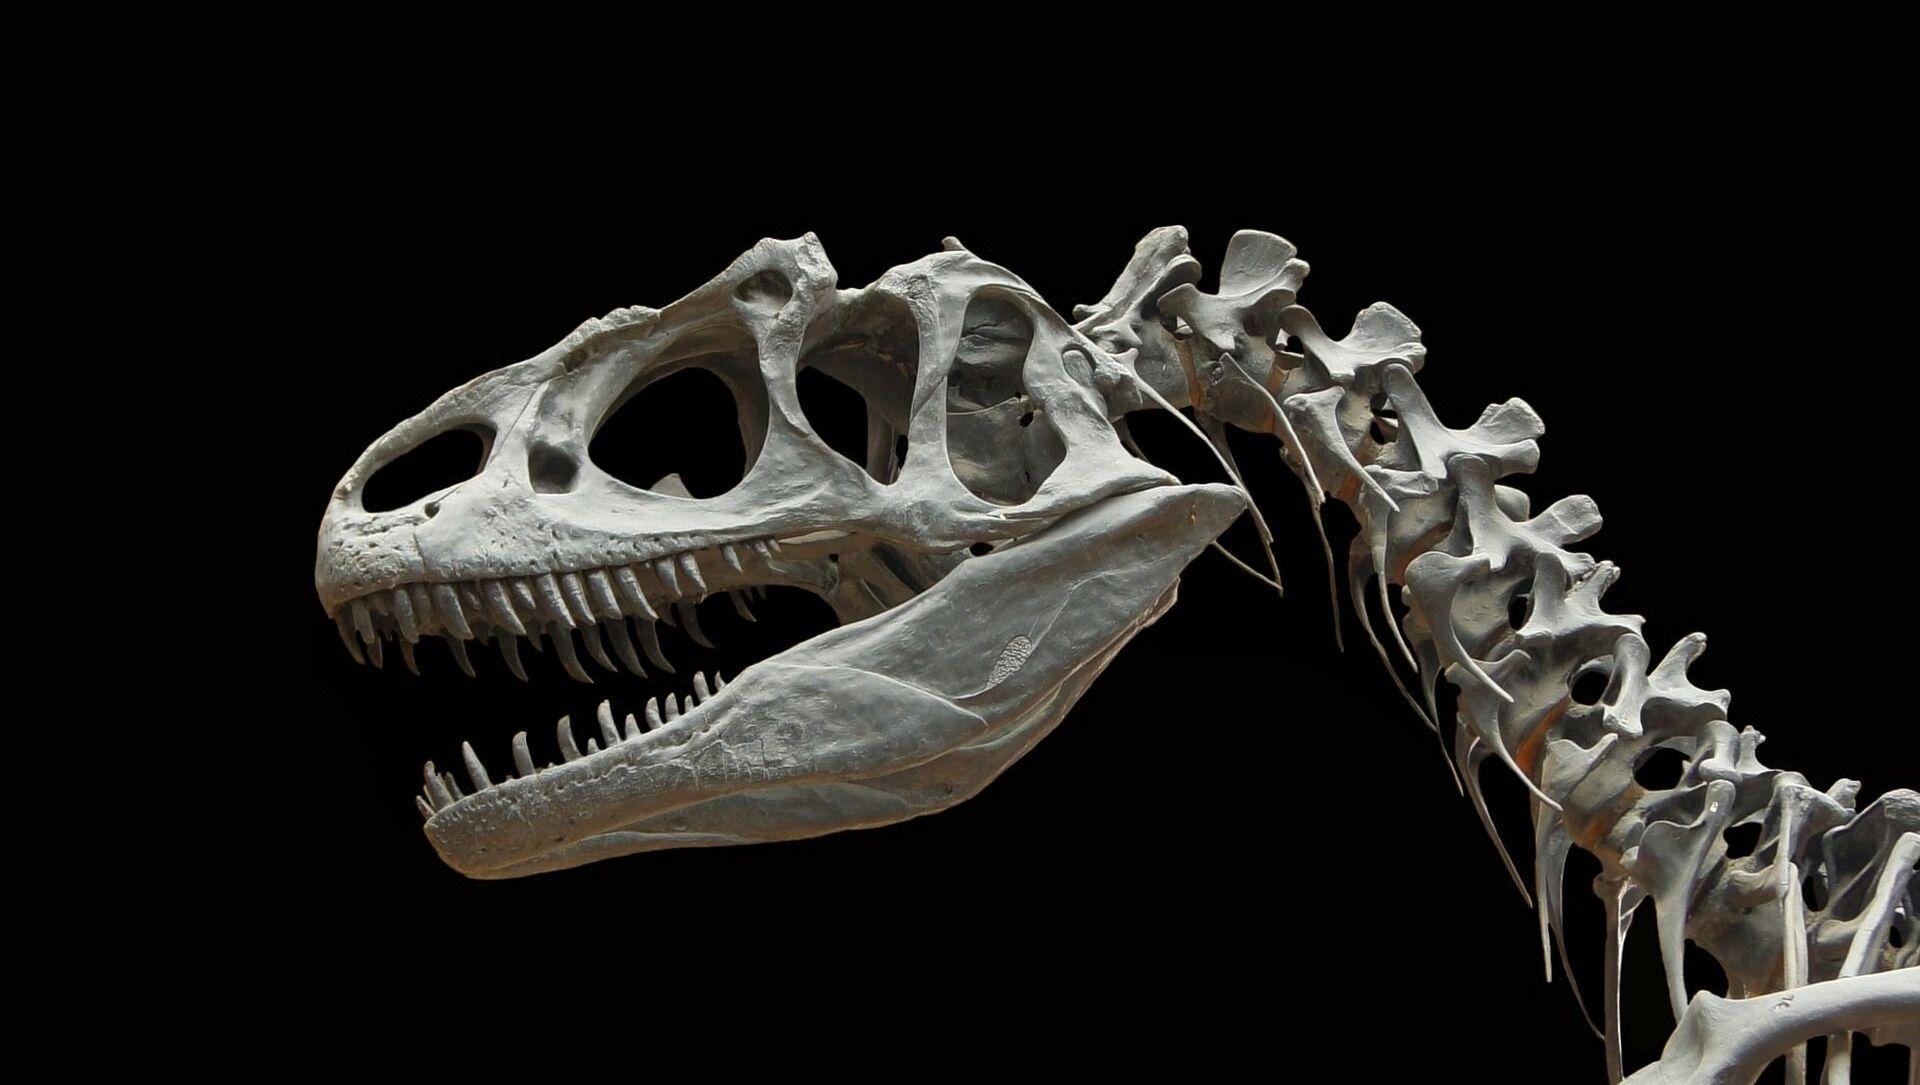 Fossile di dinosauro (immagine illustrativa) - Sputnik Italia, 1920, 13.03.2021